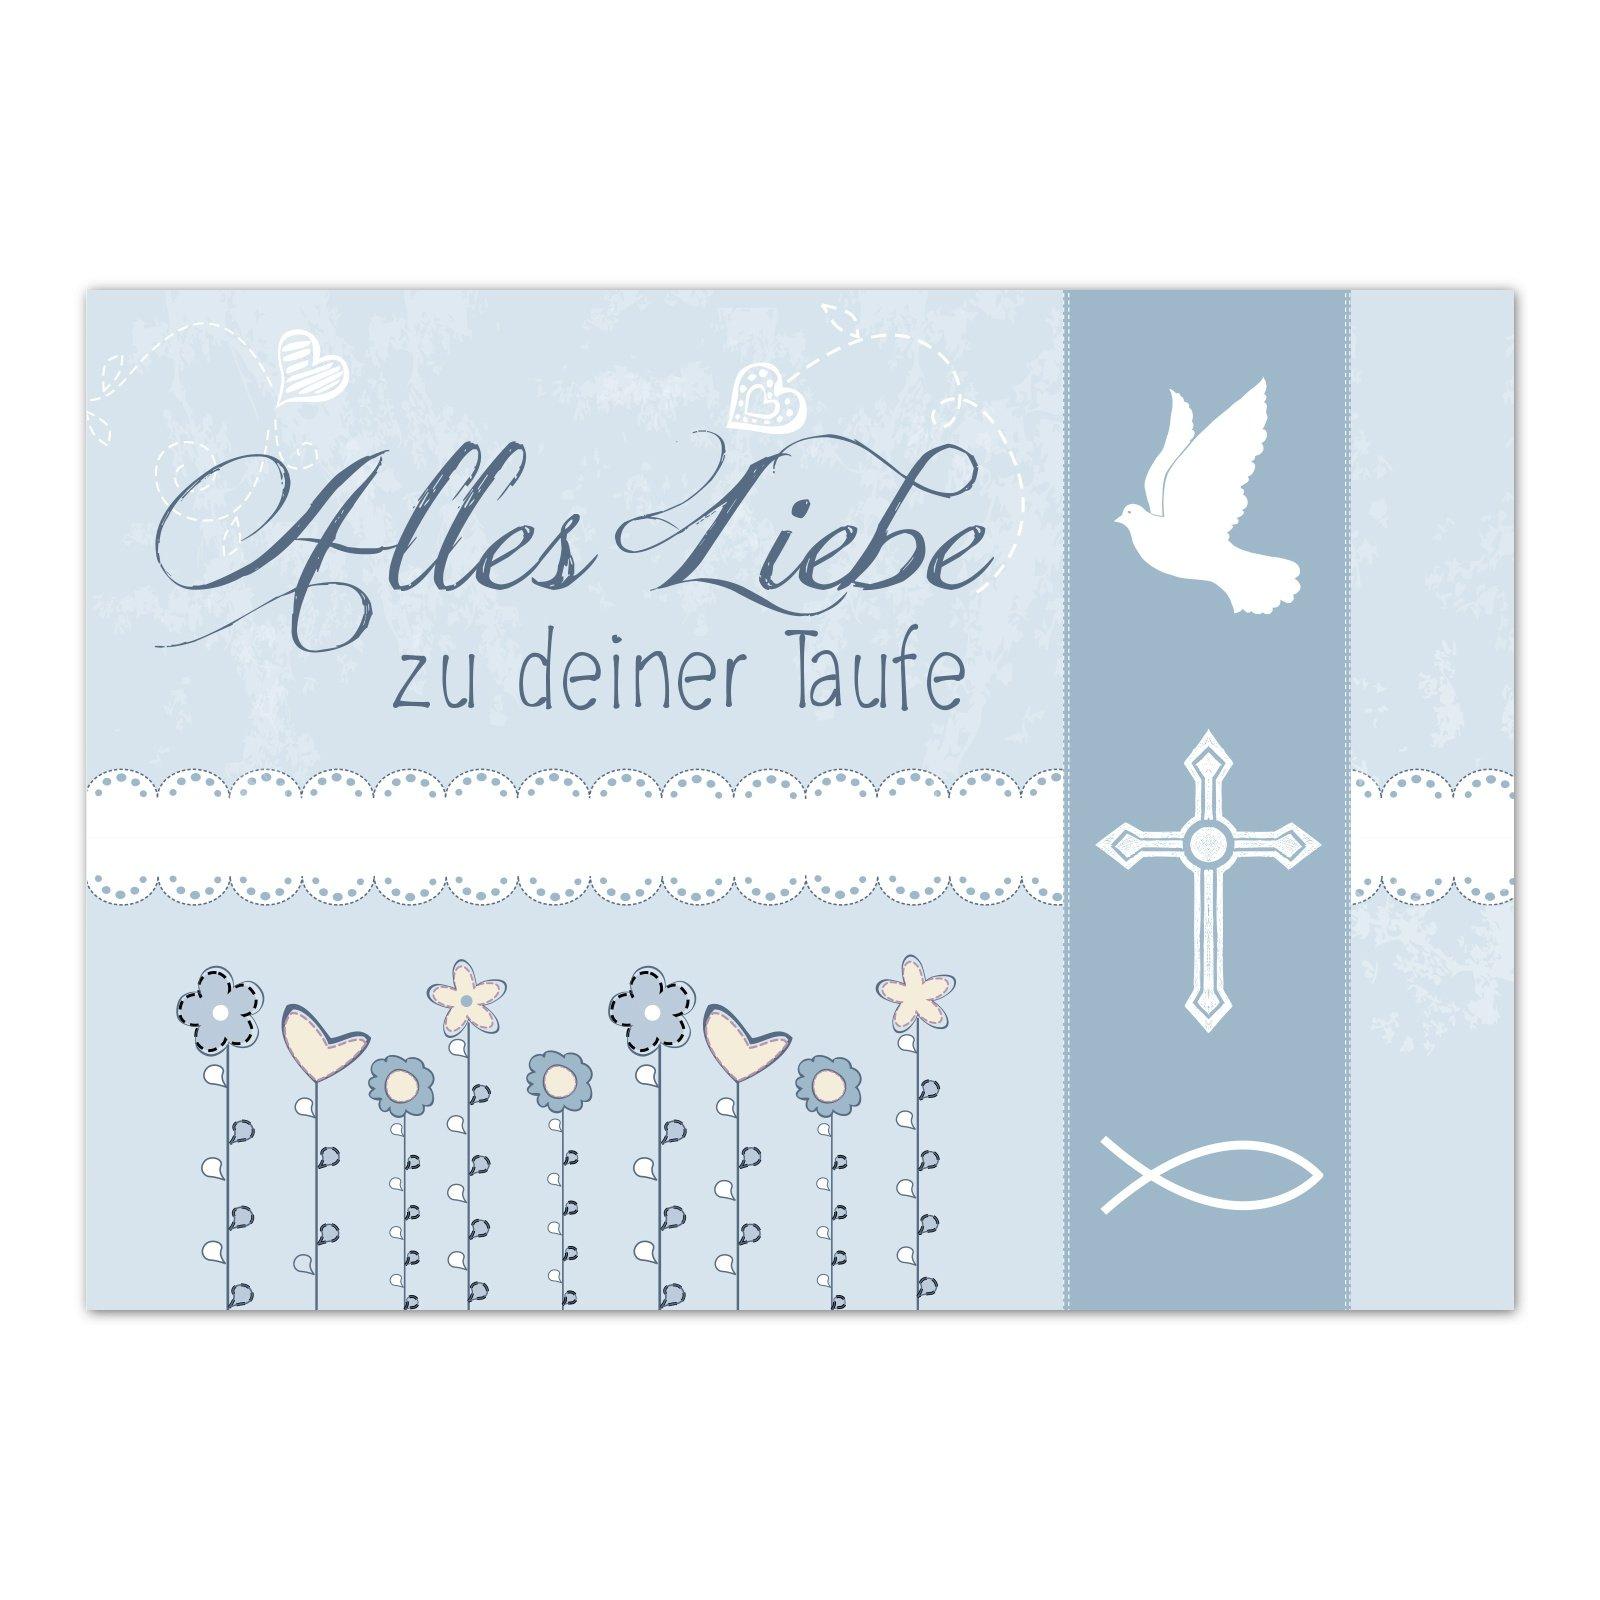 Taufe Karte Schreiben.Glückwunschkarte Taufe Mit Umschlag Moderne Vintage Karte Blau